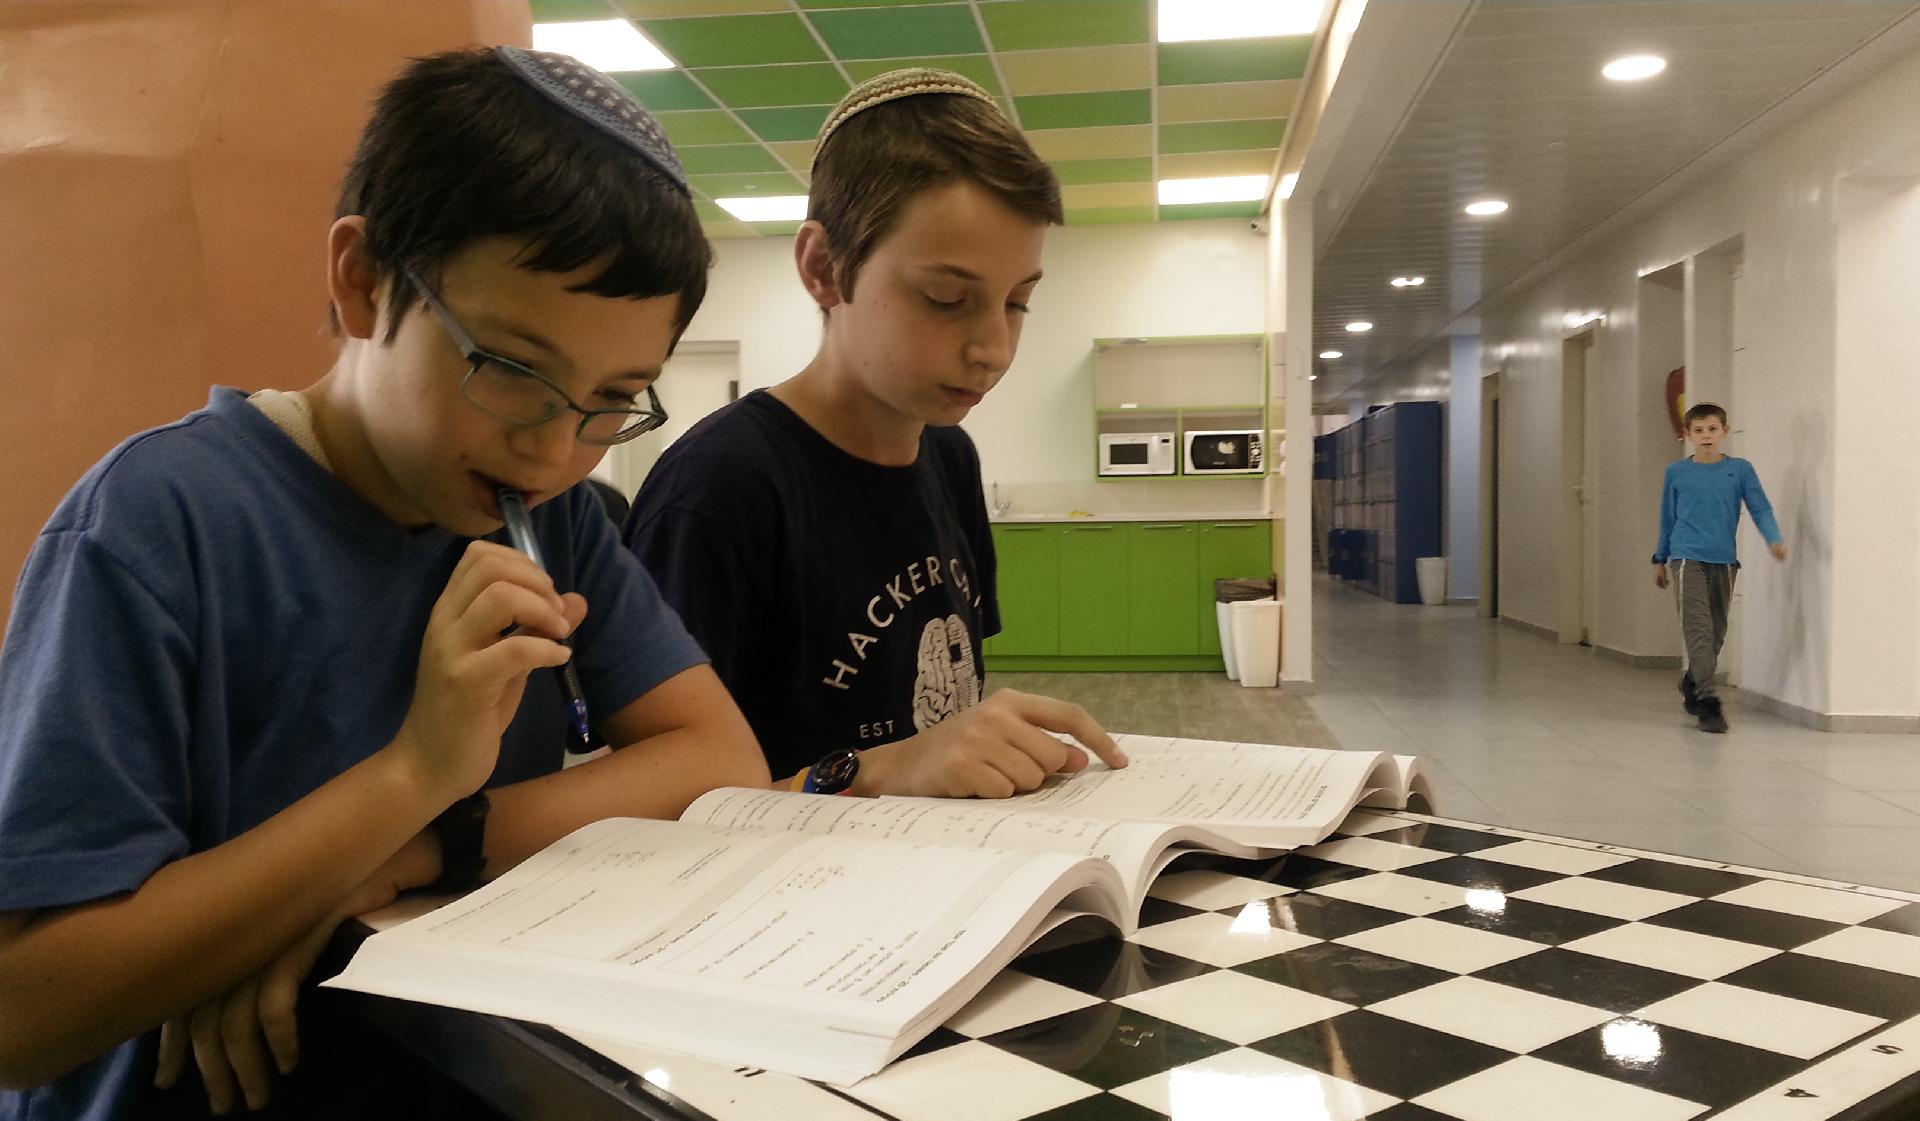 תלמידי ישיבת שפע שוקדים על פני ספר